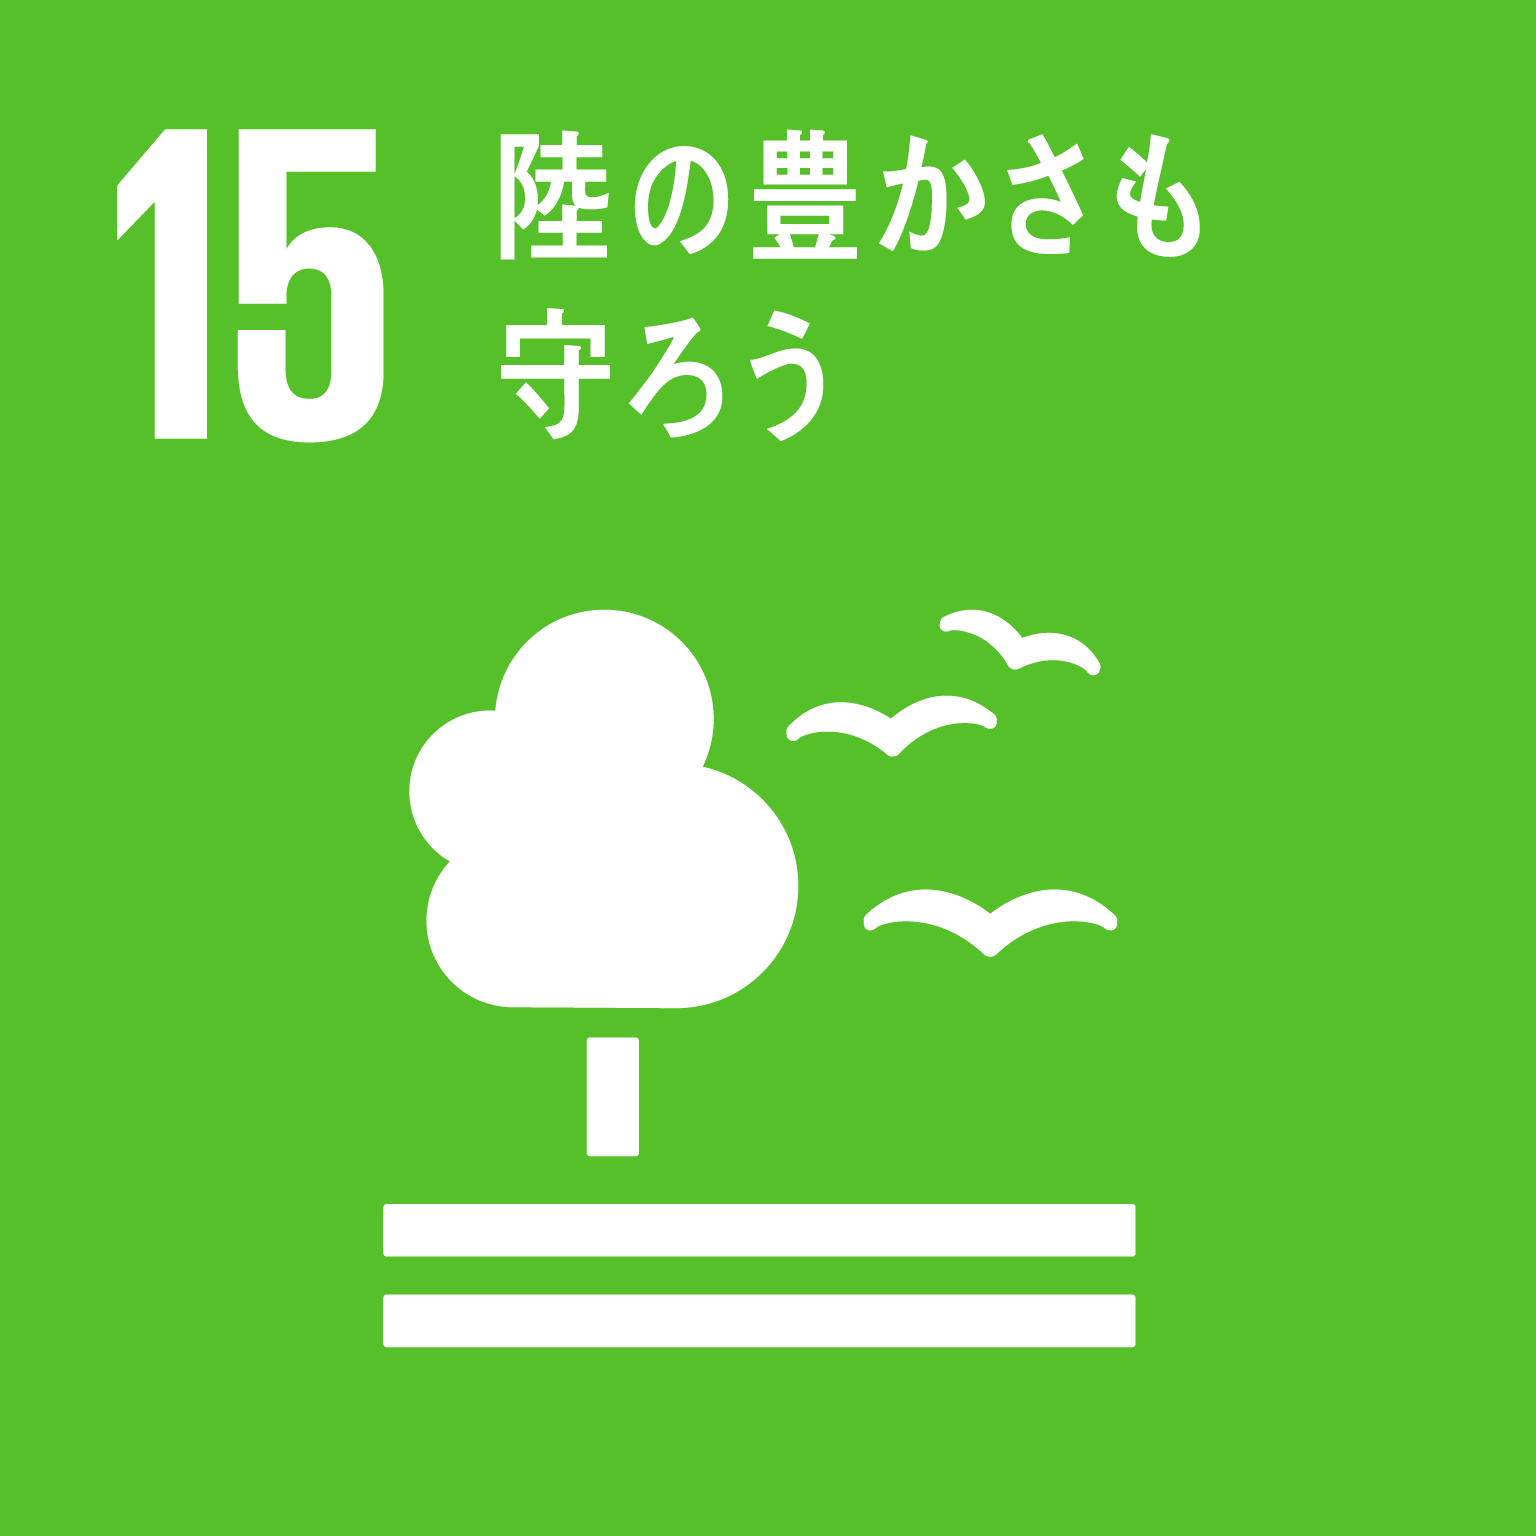 SDGs 社会課題 森林 砂漠化